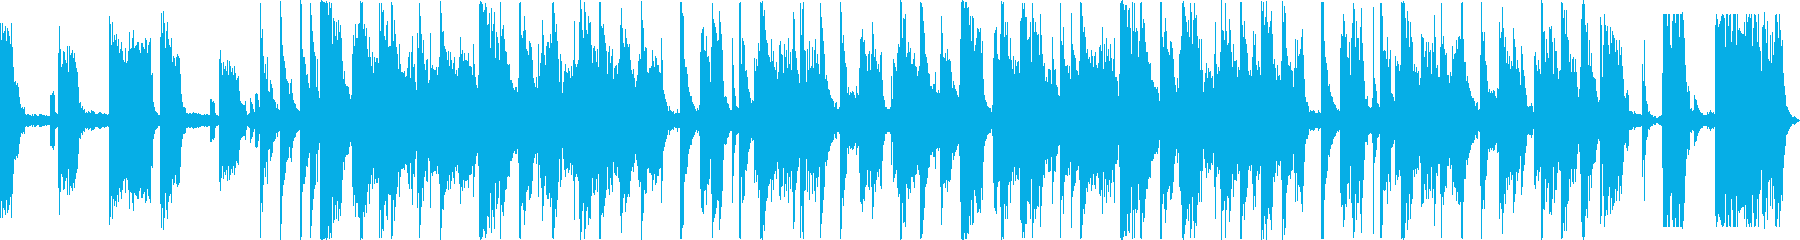 ジャズ、ファンク、ソウルの融合。怠...の再生済みの波形